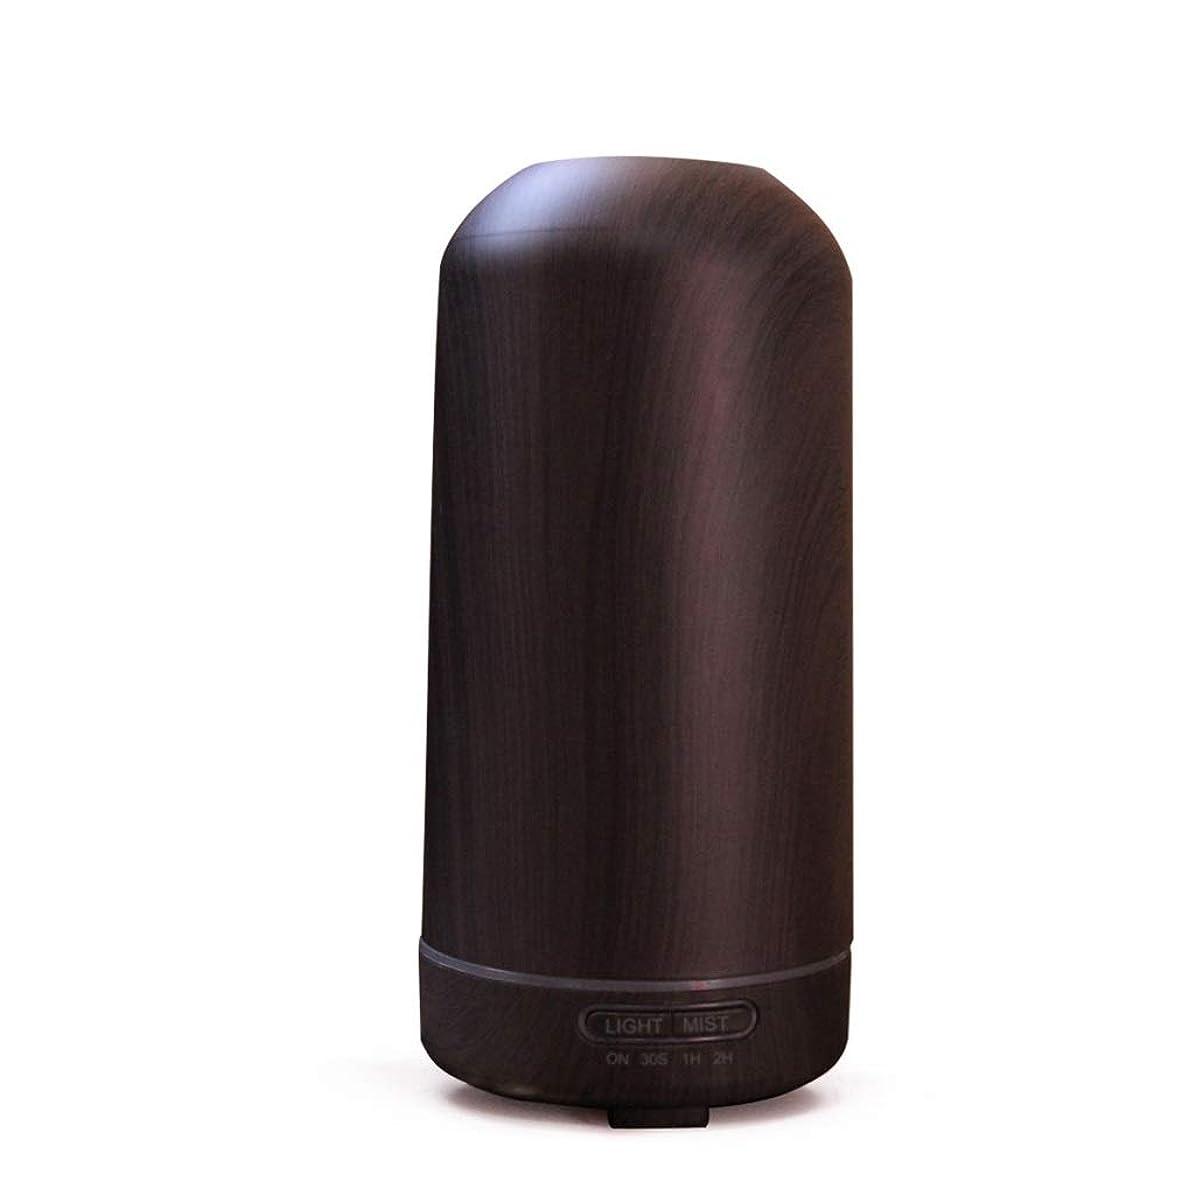 思い出す機関経験100ミリリットル超音波クールミスト加湿器カラーLEDライト付きホームヨガオフィススパ寝室ベビールーム - ウッドグレインディフューザー (Color : Dark wood grain)